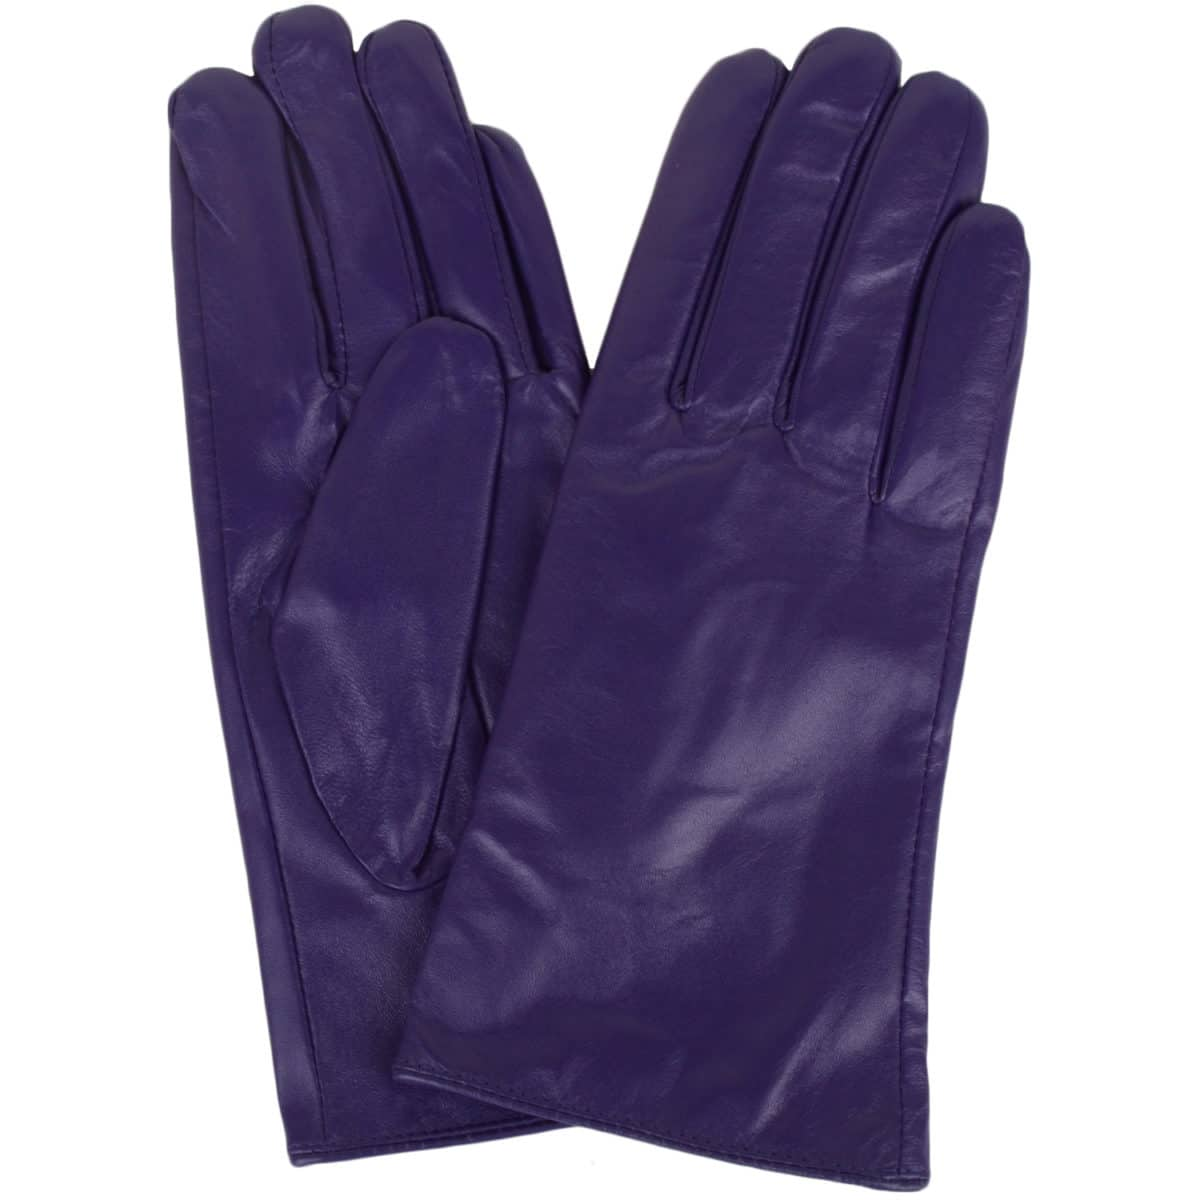 Tamara - Leather Gloves - Purple